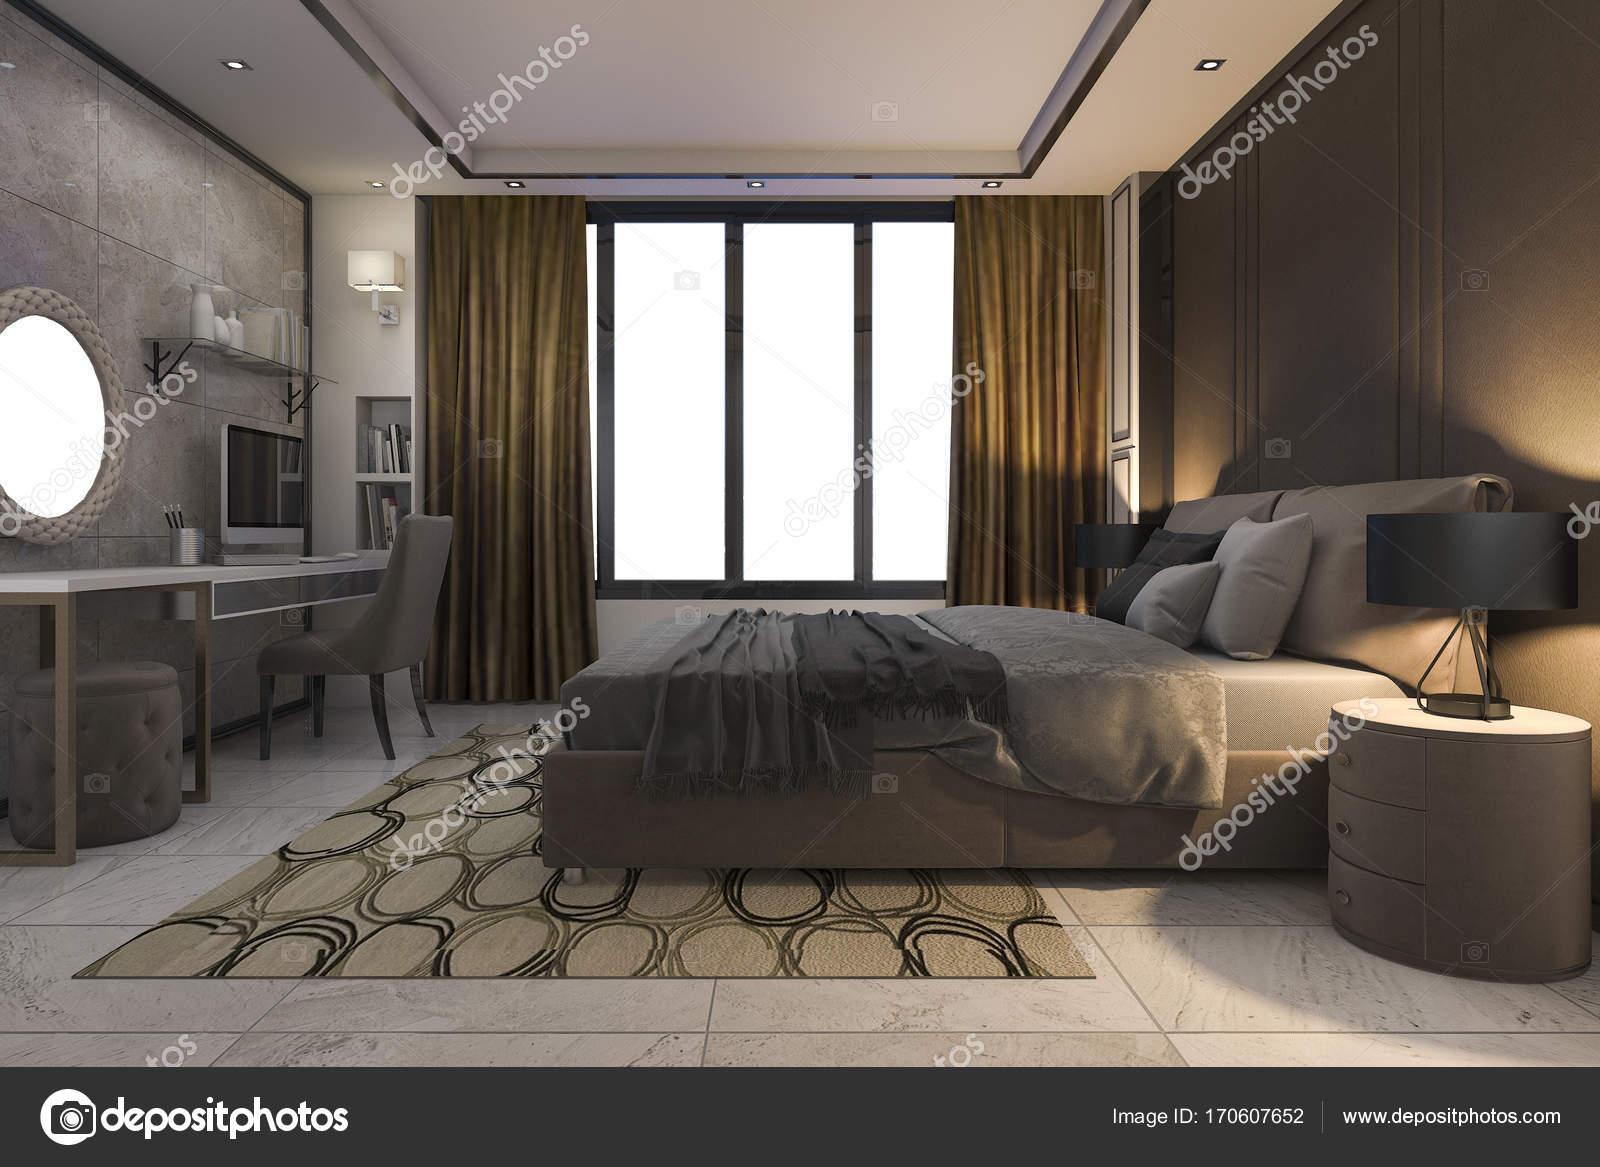 Luxe Slaapkamer Inrichting : D rendering bruin luxe slaapkamer met moderne inrichting